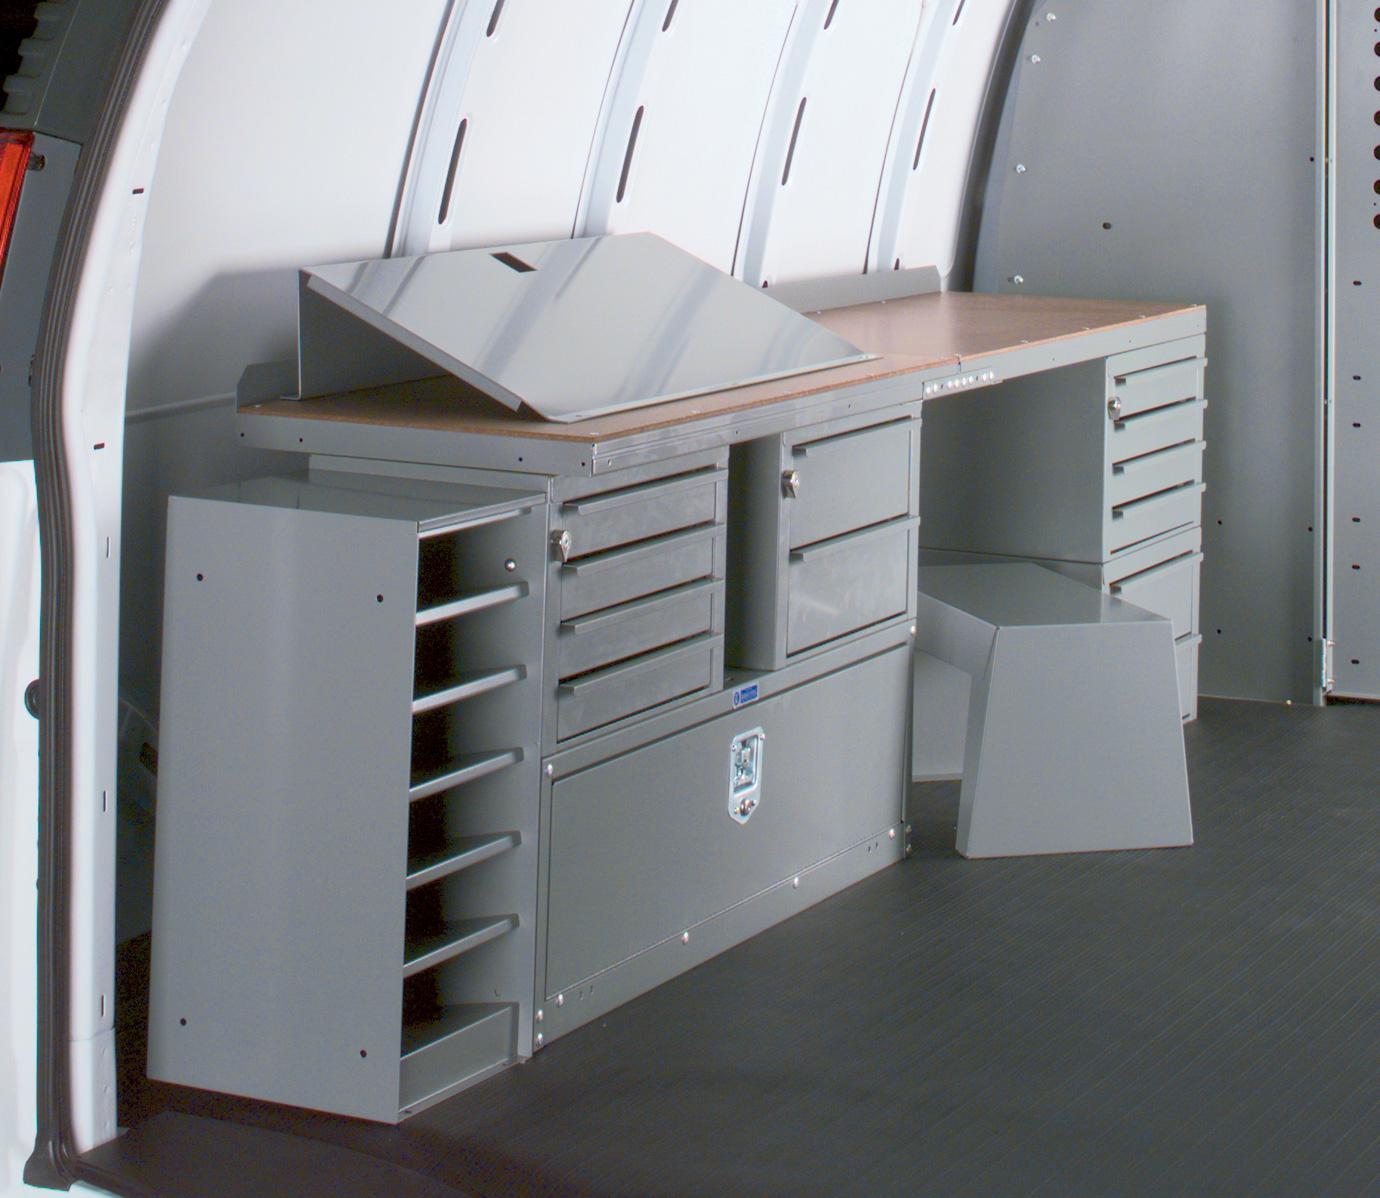 Locksmiths Work Bench And Storage Module For Van Adrian